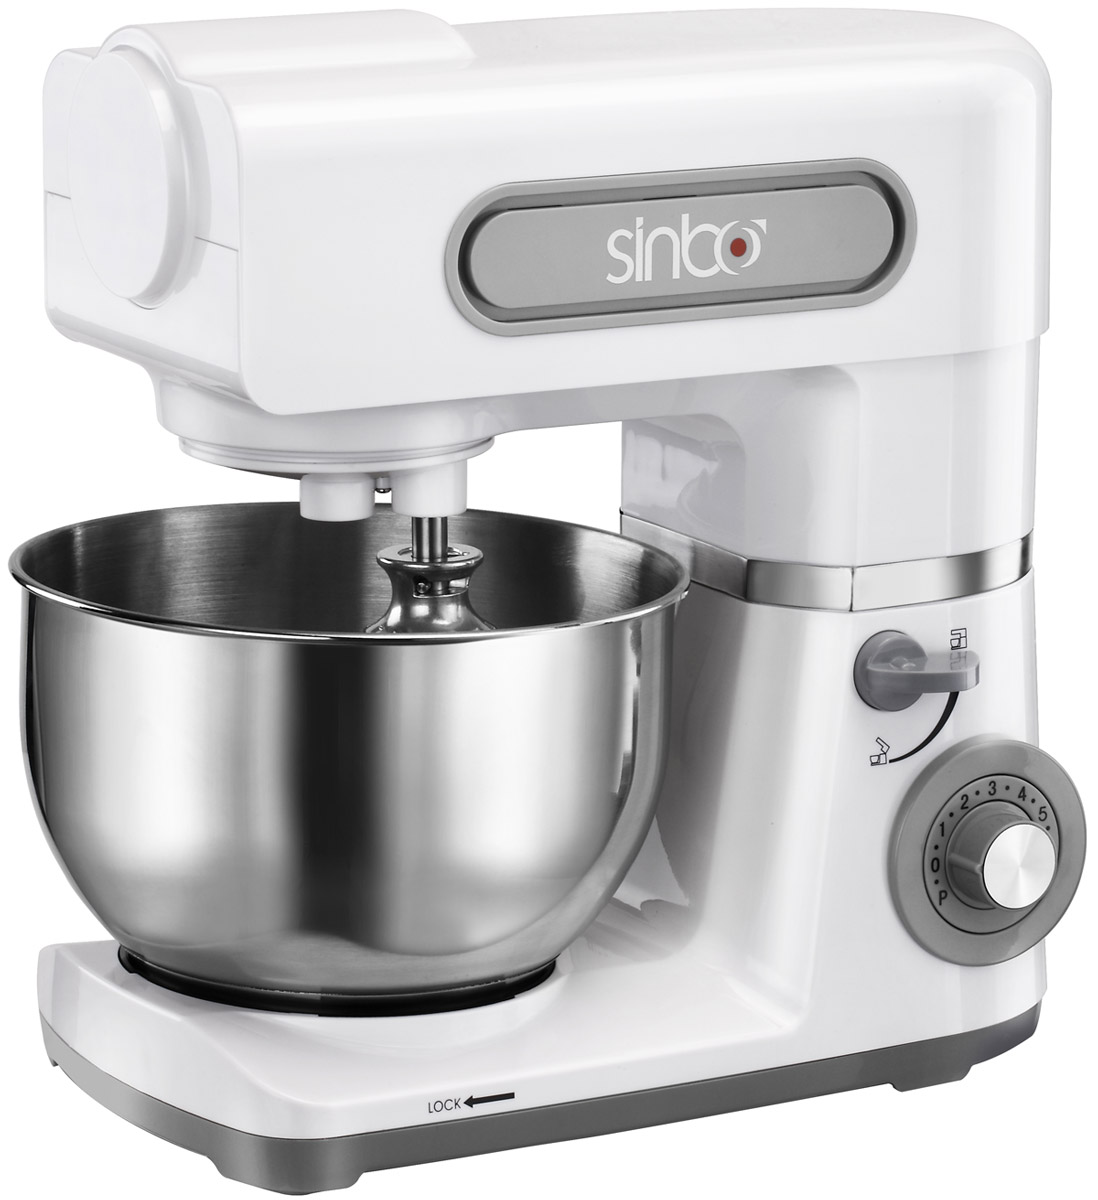 Sinbo SMX 2734W миксерSMX 2734Миксер Sinbo SMX 2734W поможет смешать ингредиенты, взбить яичный белок или сливки, приготовить картофельное пюре, соус, крем, мусс, замесить тесто. Уникальный метод планетарного смешивания заключается в том, что венчик совершает обороты в одну сторону, а привод в это время движется по кругу в другую сторону, тщательно смешивая ингредиенты и не оставляя неохваченных участков ни в одной части чаши. Устройство оснащено высокой мощностью в 800 Вт, шестью скоростными режимами и импульсным режимом. Управление осуществляется с помощью поворотного регулятора, что обеспечивает простоту использования прибора. При включении миксера скорость вращения увеличивается постепенно, чтобы предотвратить разбрызгивание ингредиентов. Верхняя панель устройства поднимается для удобной смены насадок и установки чаши. Сама чаша объемом 5 литров имеет удобную эргономичную ручку. Ее разрешается мыть в посудомоечной машине. В передней части привода миксера имеется еще одно гнездо для подсоединения дополнительных насадок. В комплект входят две насадки: для взбивания и крюк для приготовления теста и пасты. Они позволяют выполнять все виды работ, которые должен выполнять данный прибор. Как выбрать планетарный миксер. Статья OZON Гид